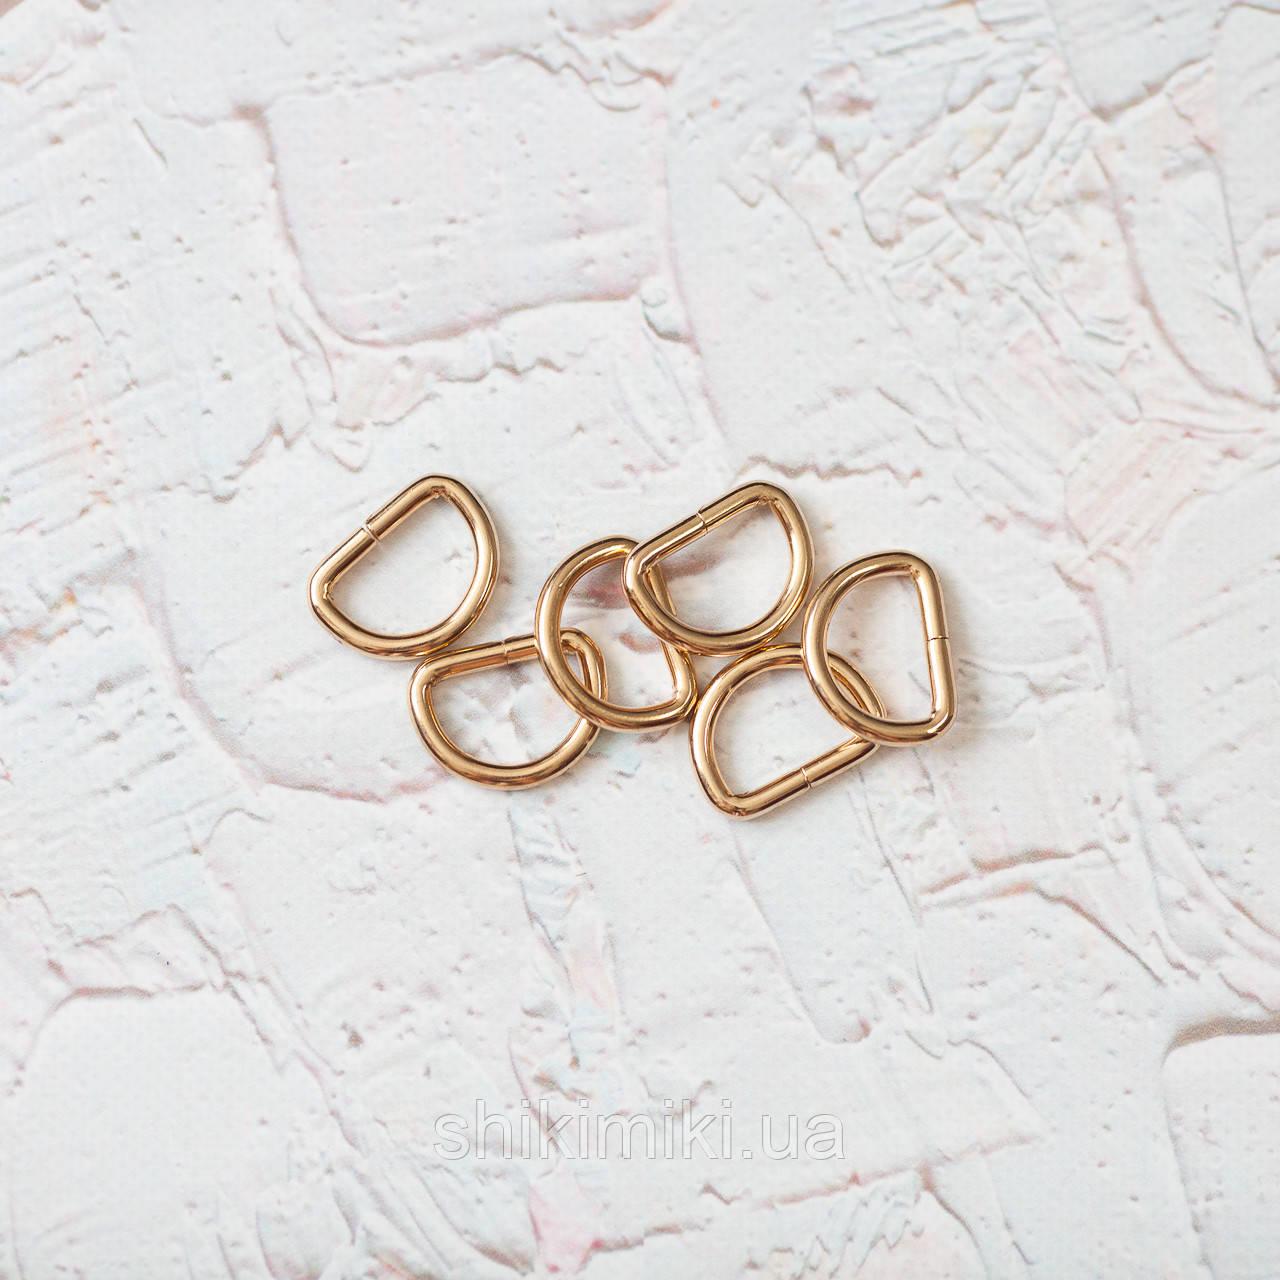 Полукольцо для сумки PK01-3 (20 мм), цвет золото